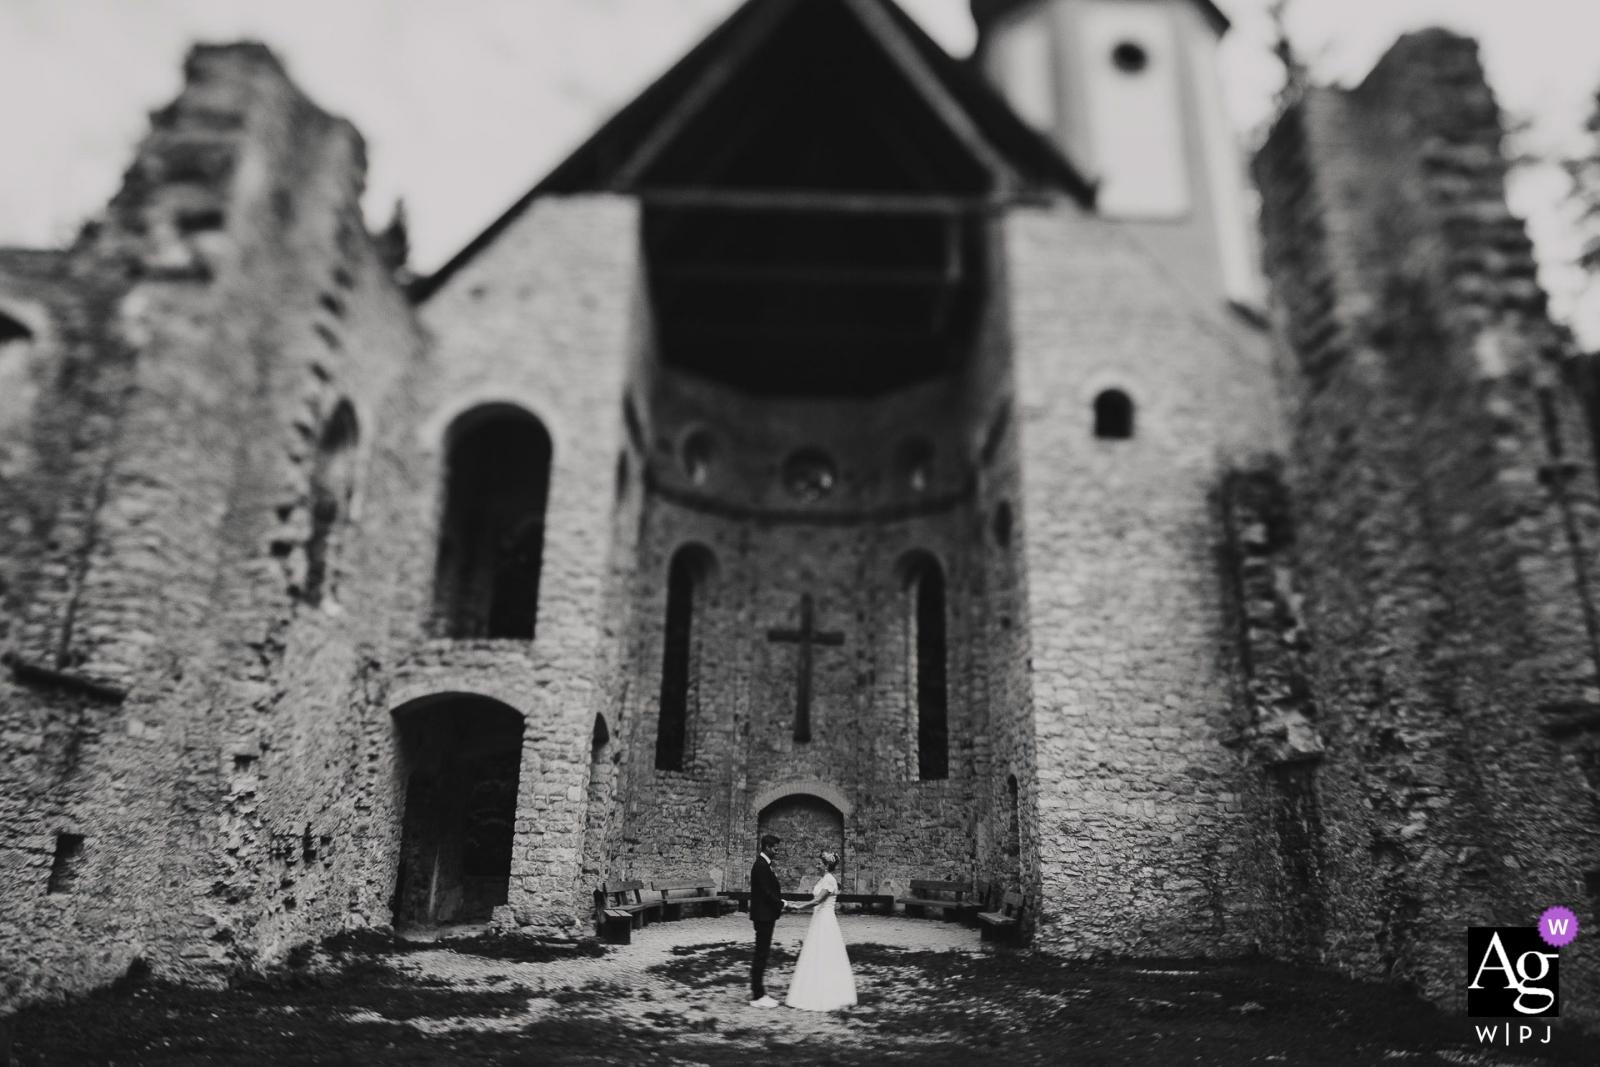 Hofgut Hohenkarpfen   Hochzeitsporträt in Schwarz-Weiß und Tilt Shift